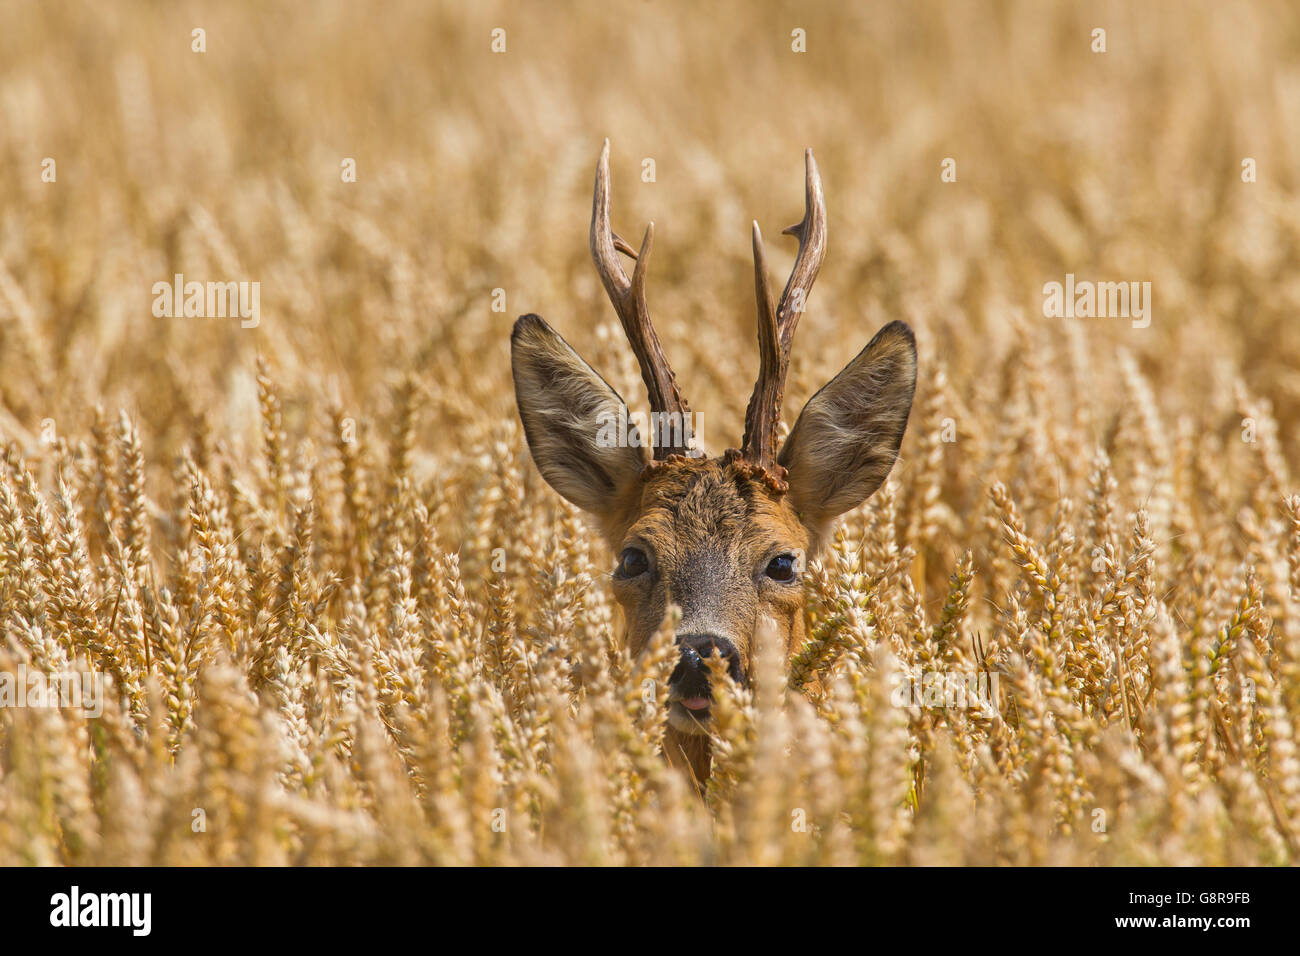 European roe deer (Capreolus capreolus) buck foraging in wheat field in summer - Stock Image